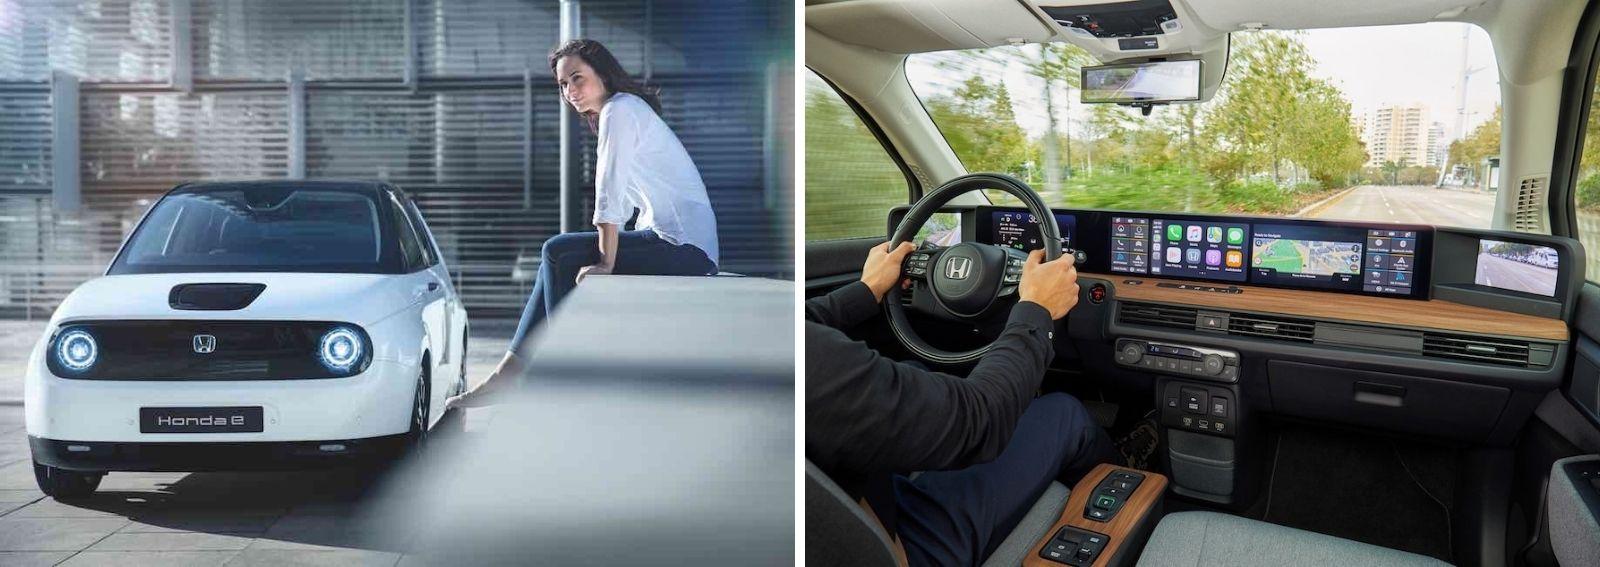 Honda e auto elettrica DESK